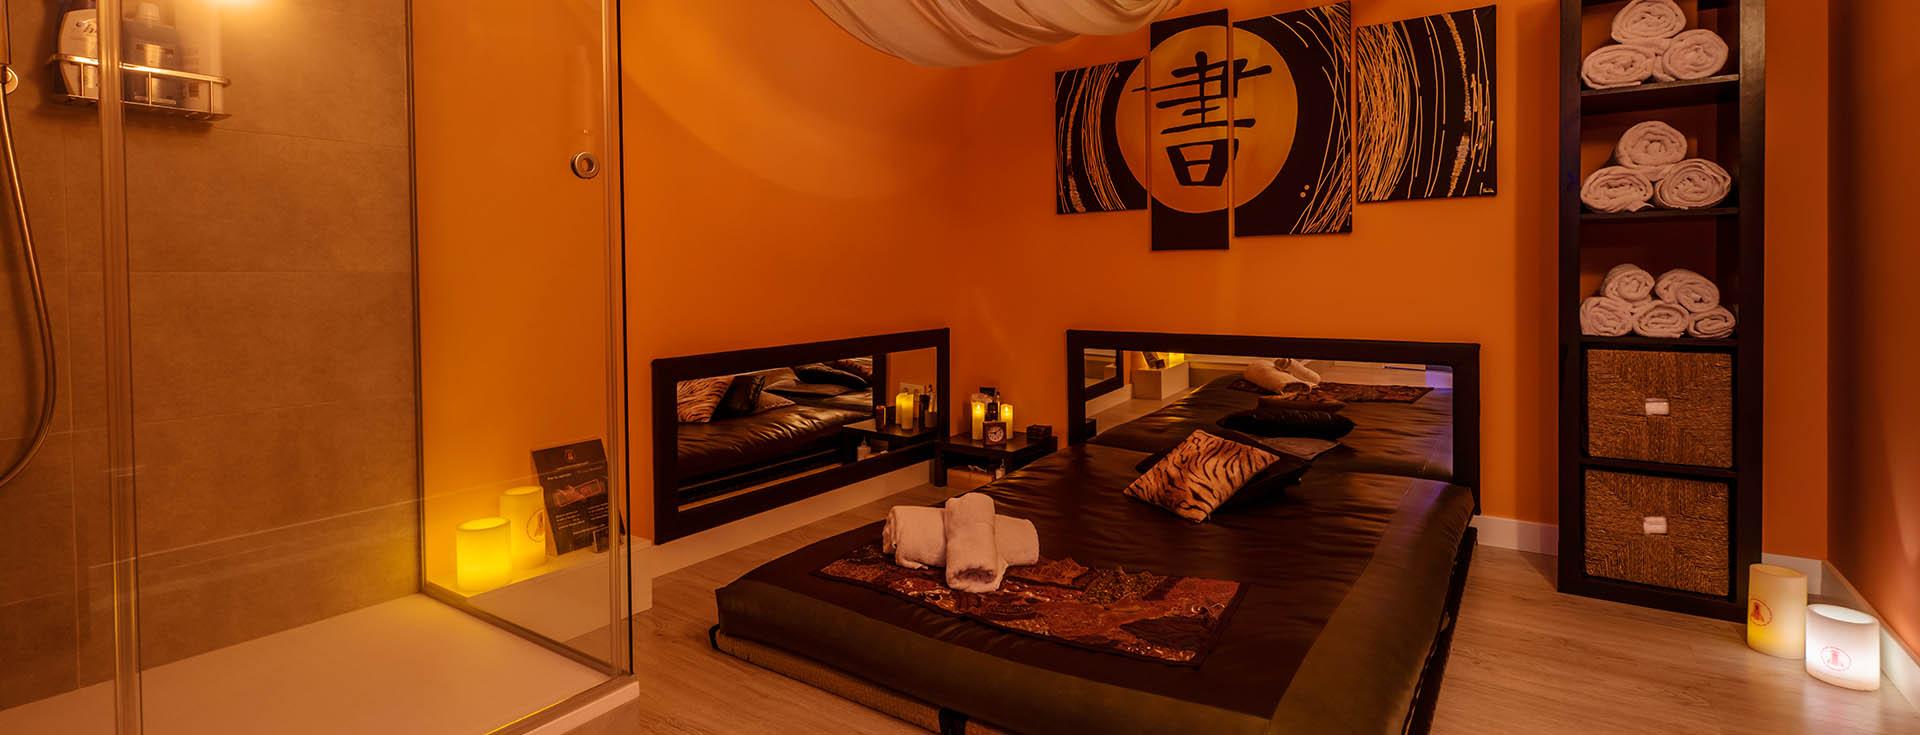 sala de masajes eroticos masajes shiva